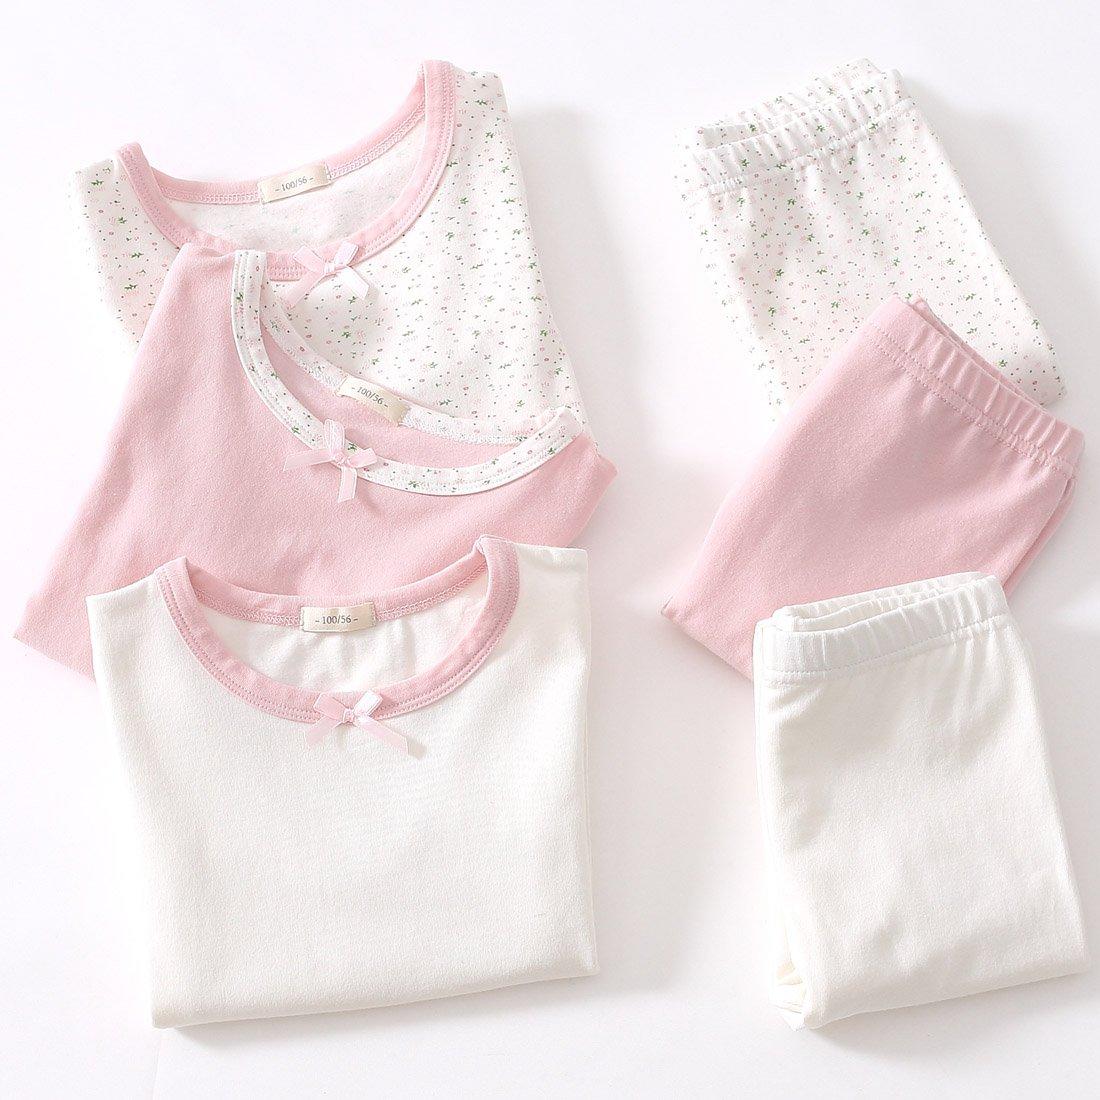 FEOYA Girls 2-Piece Pajamas Set Long Sleeve Solid Pajamas Cotton Sleepwear